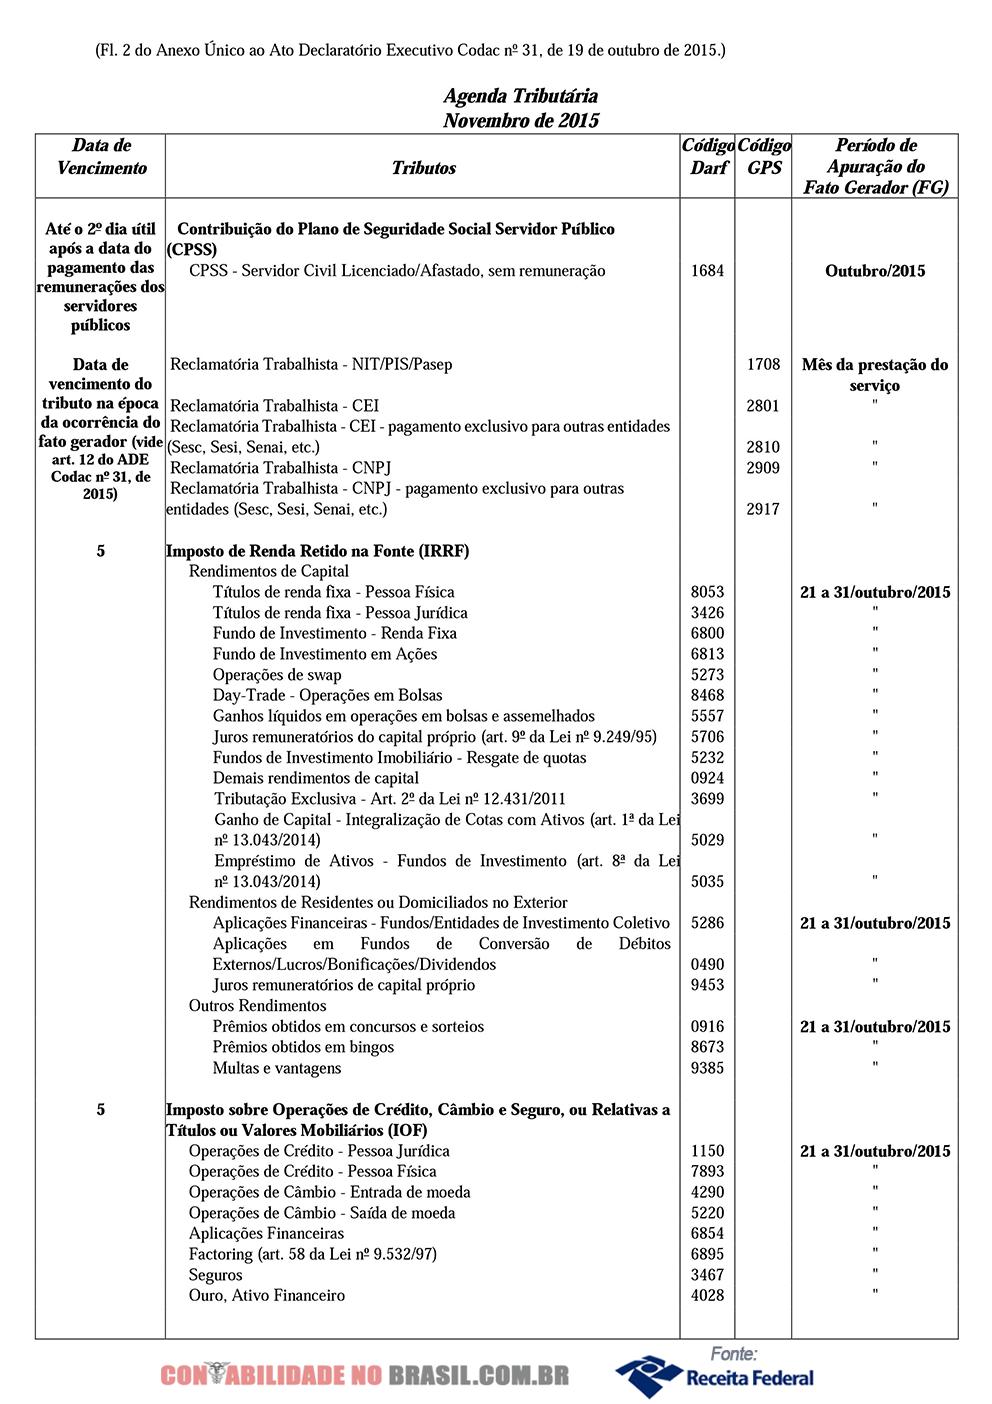 agenda tributaria novembro de 2015 02